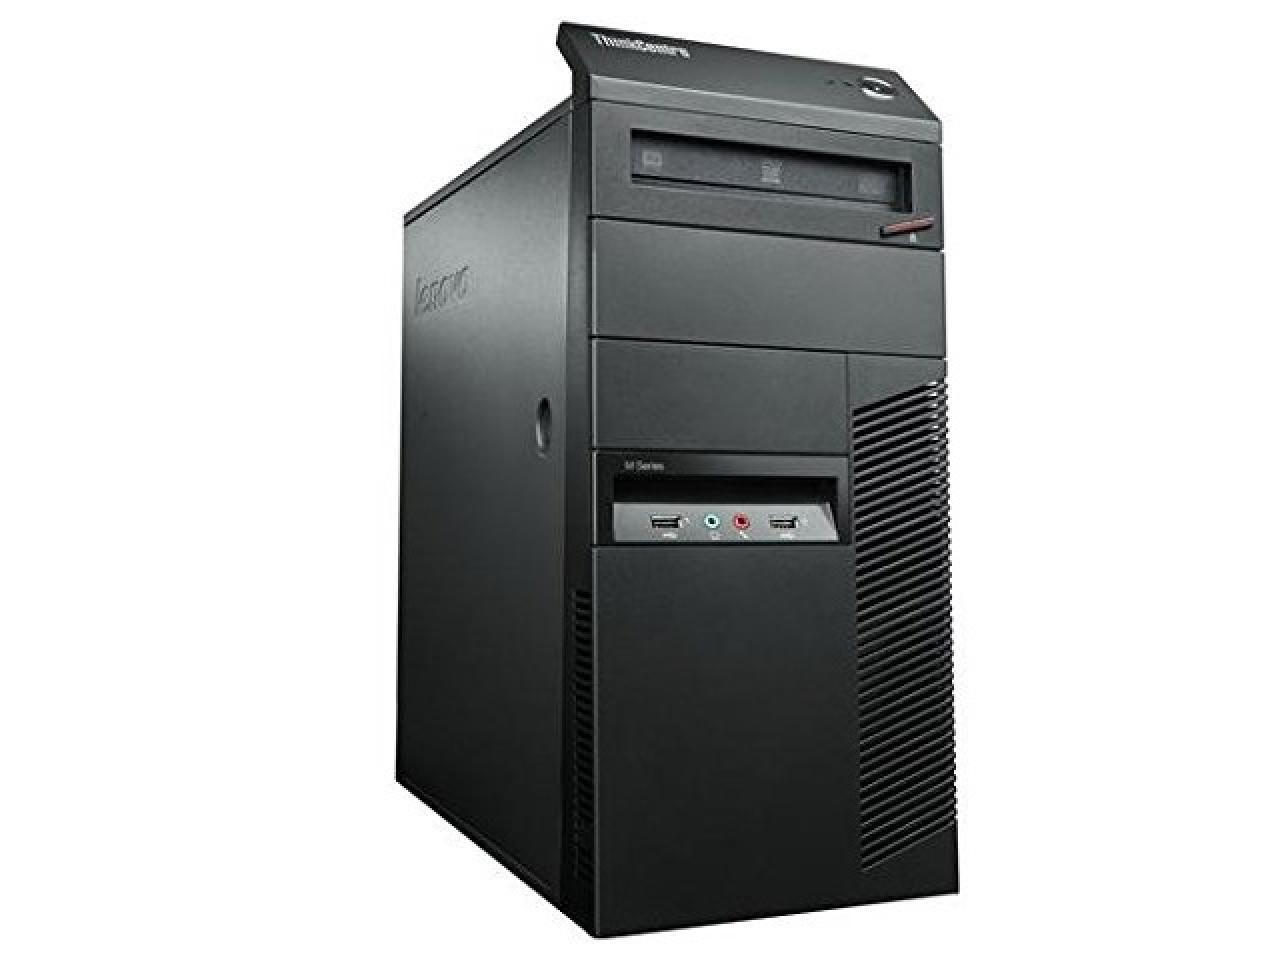 Lenovo ThinkCentre M92p MT  - shop.bb-net.de